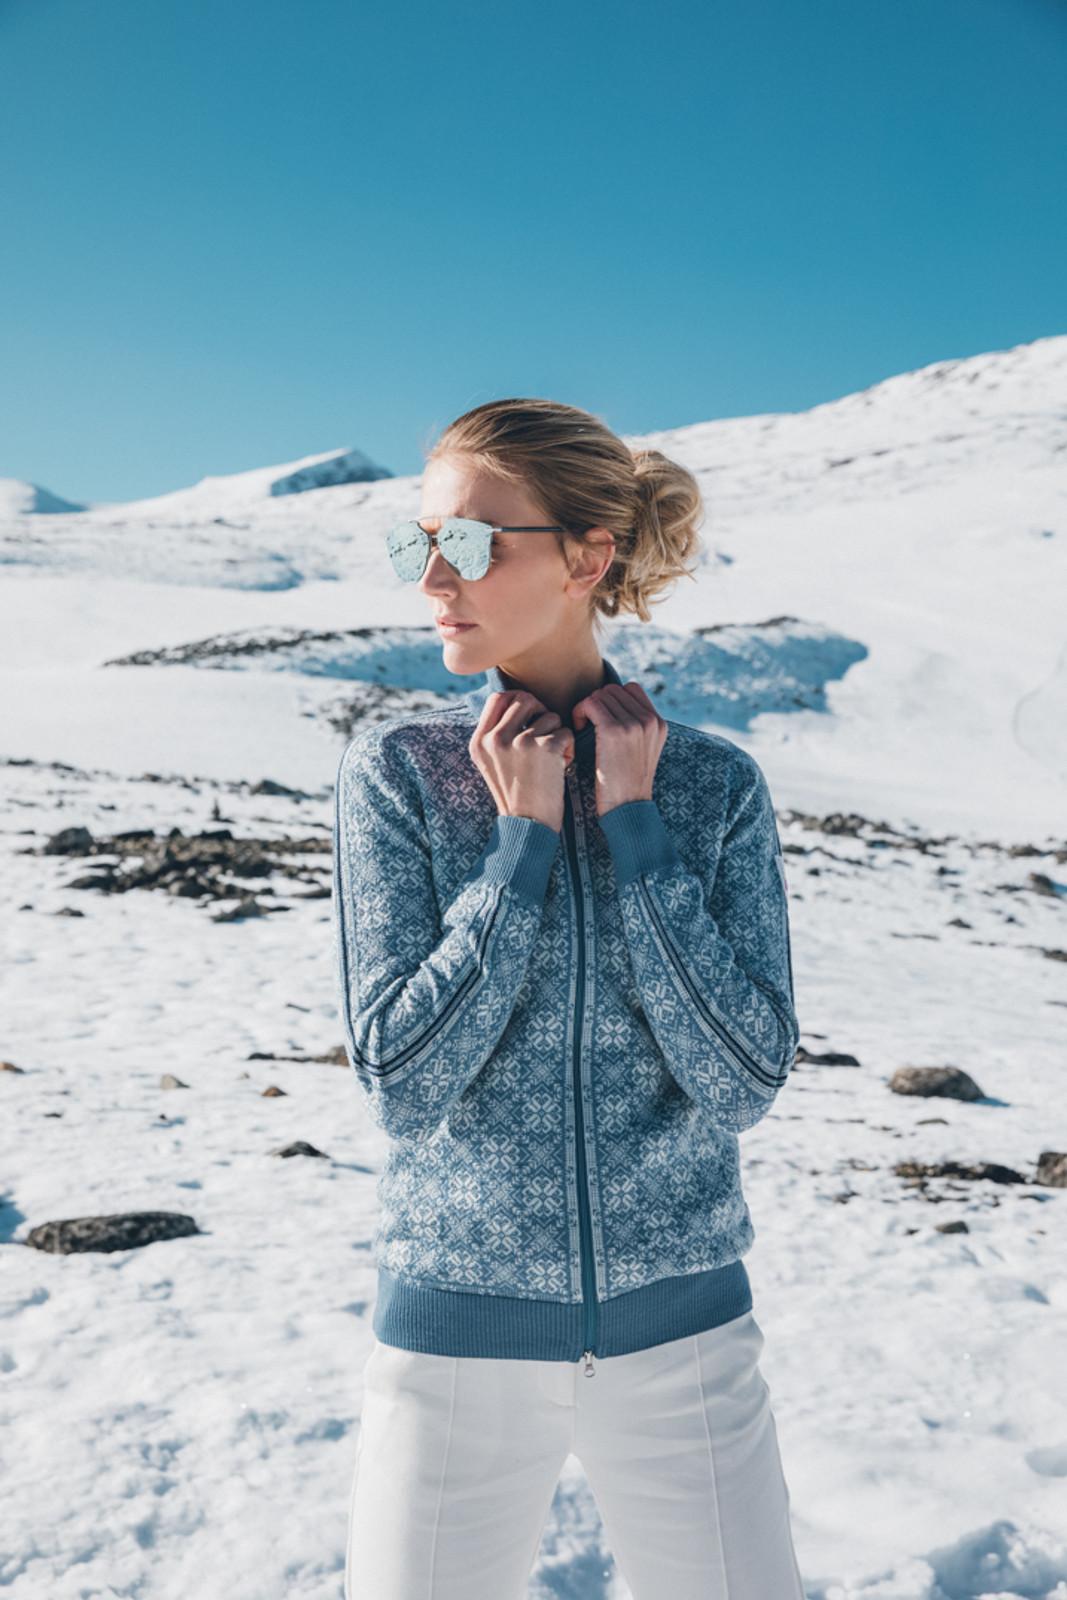 Woman standing in snow wearing Dale of Norway's Frida ladies cardigan in Blue Shadow/Off White/Grau Vig/Atlantic Mele, 82931-D